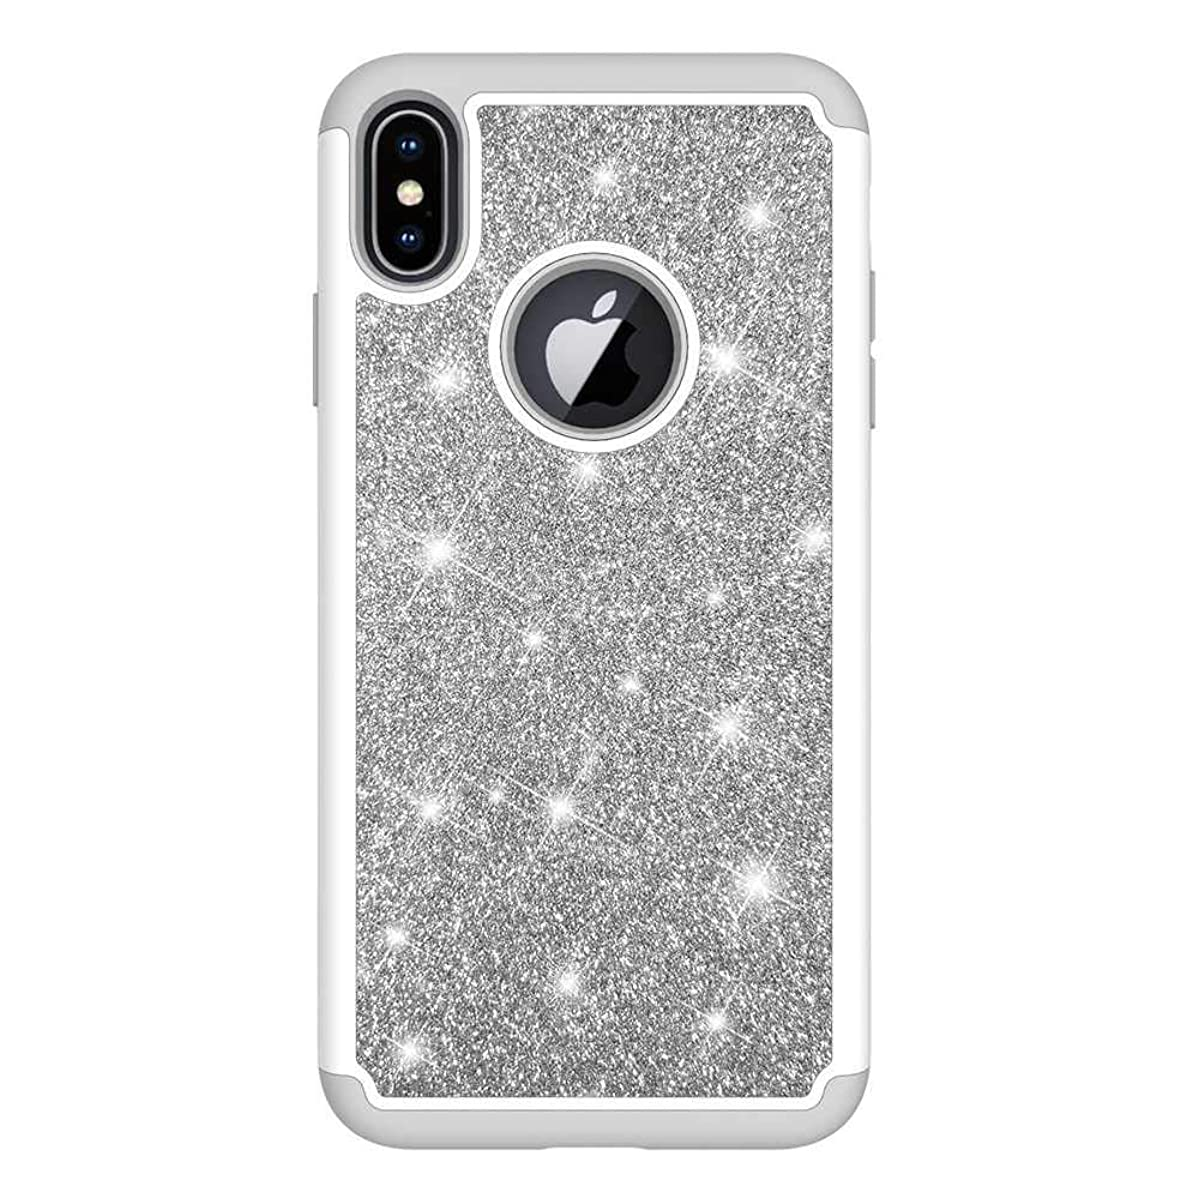 松の木知人暗殺者iPhone XS Max ケース, CUNUS Apple iPhone XS Max プレミアム シリコン ケース, おしゃれ かわいい 耐衝撃 PC 背中の キラキラ保護カバー, シルバー